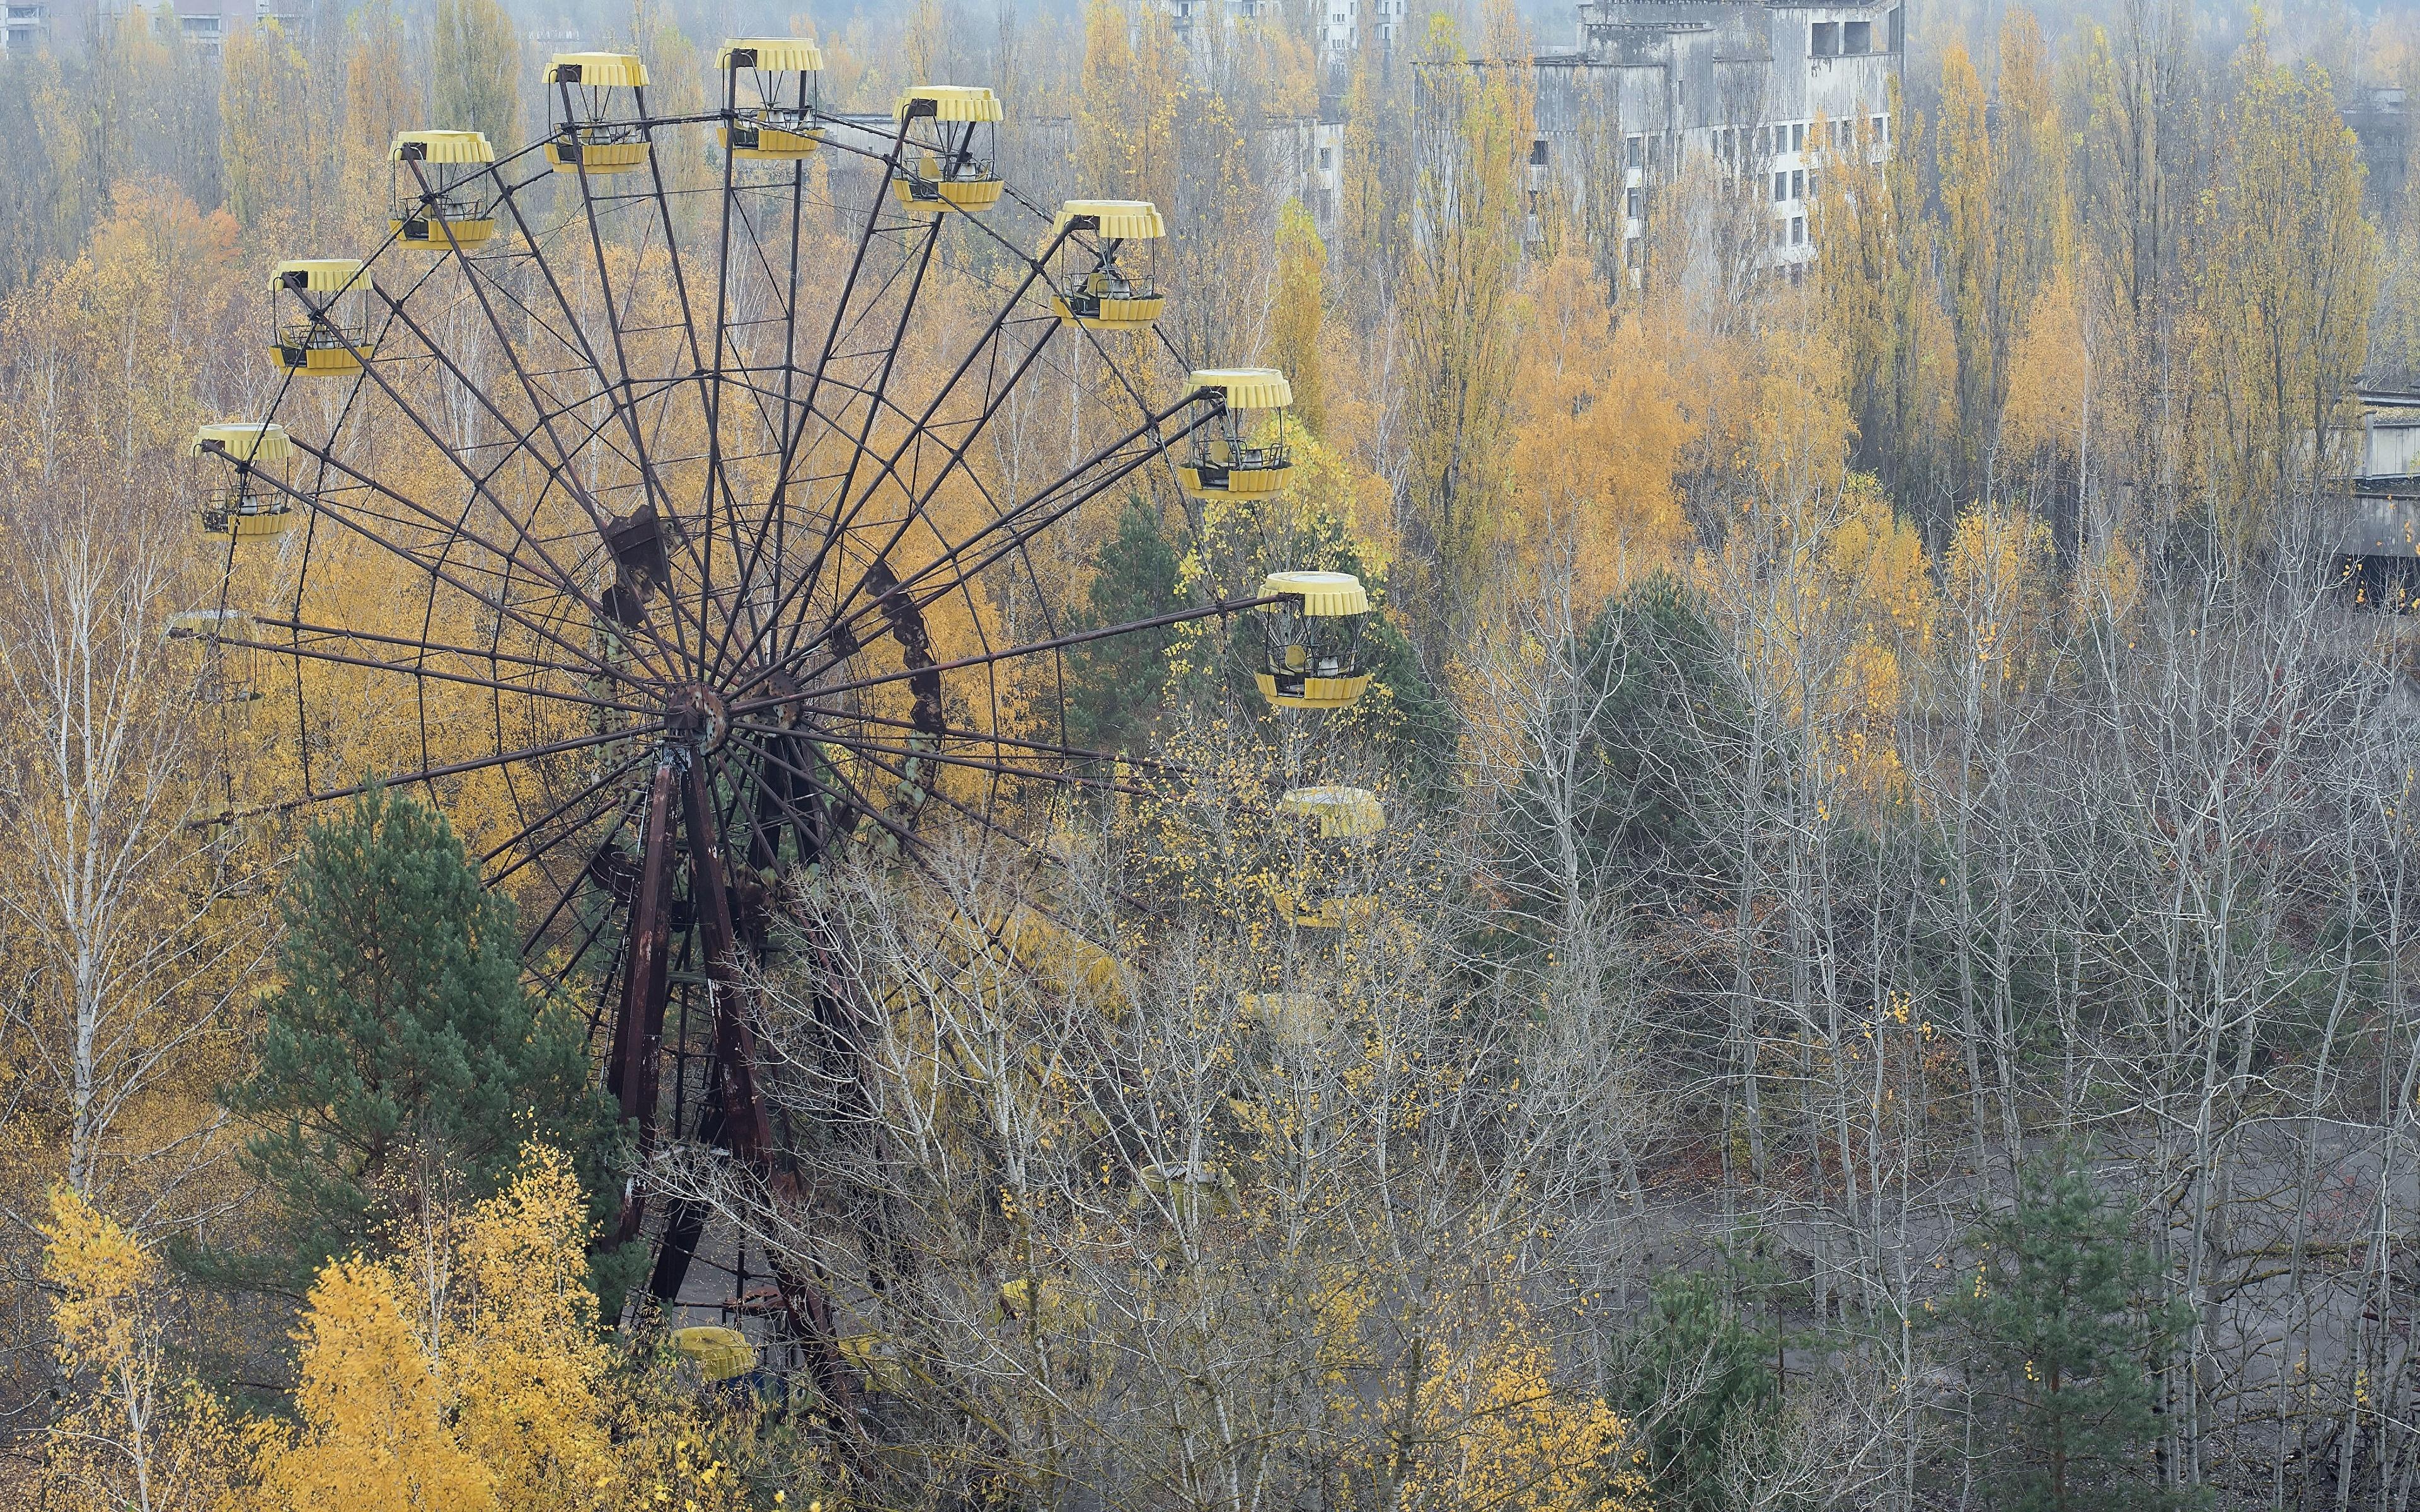 Picture Nature Ukraine Pripyat Abandoned Amusement Park 3840x2400